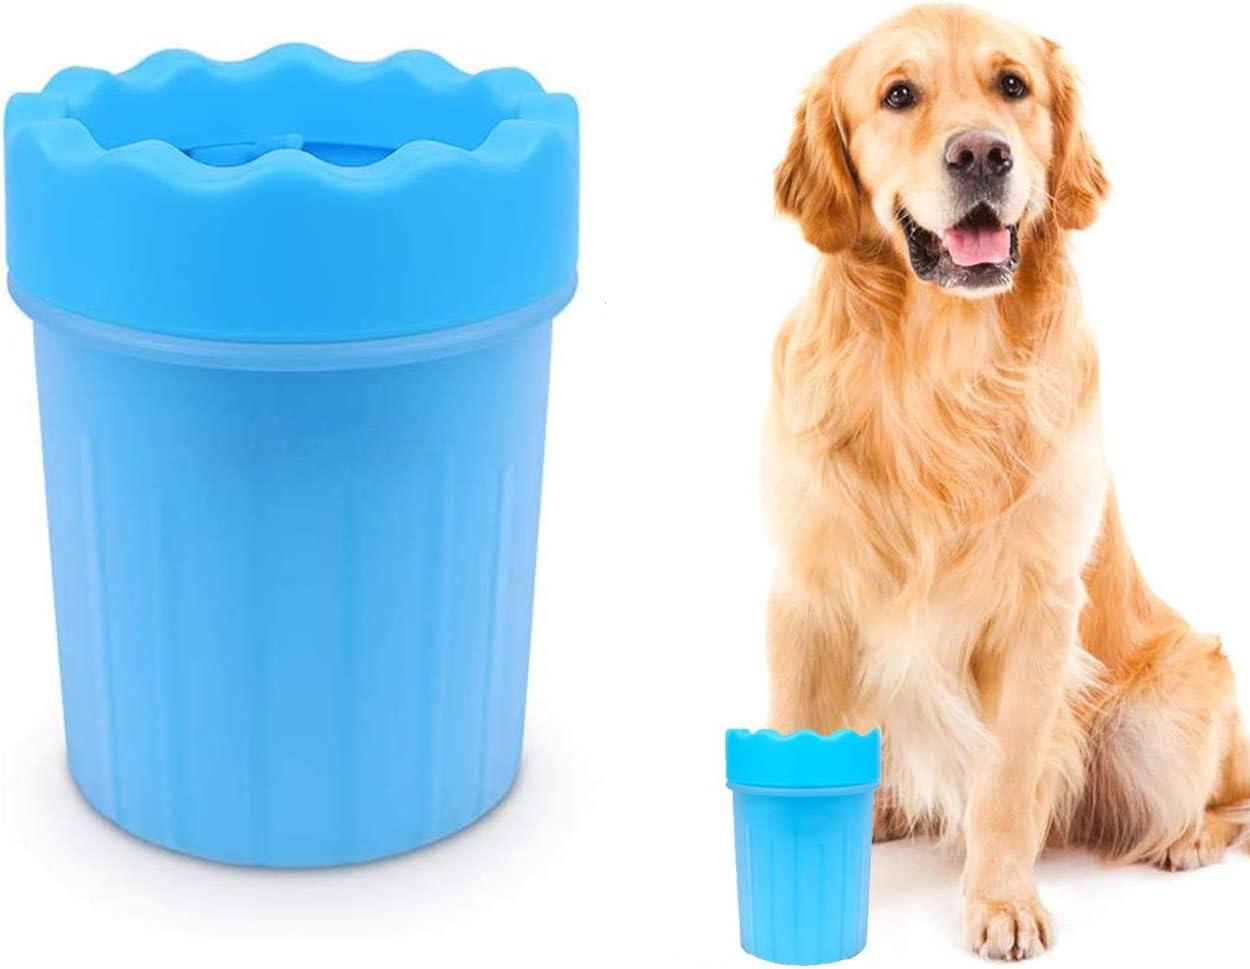 TFHEEY Limpiador para Patas de Perro, Fabricado con Suaves Cerdas de Silicón, Portátil e Ideal para Paseos y Viajes con tu Mascota (L)